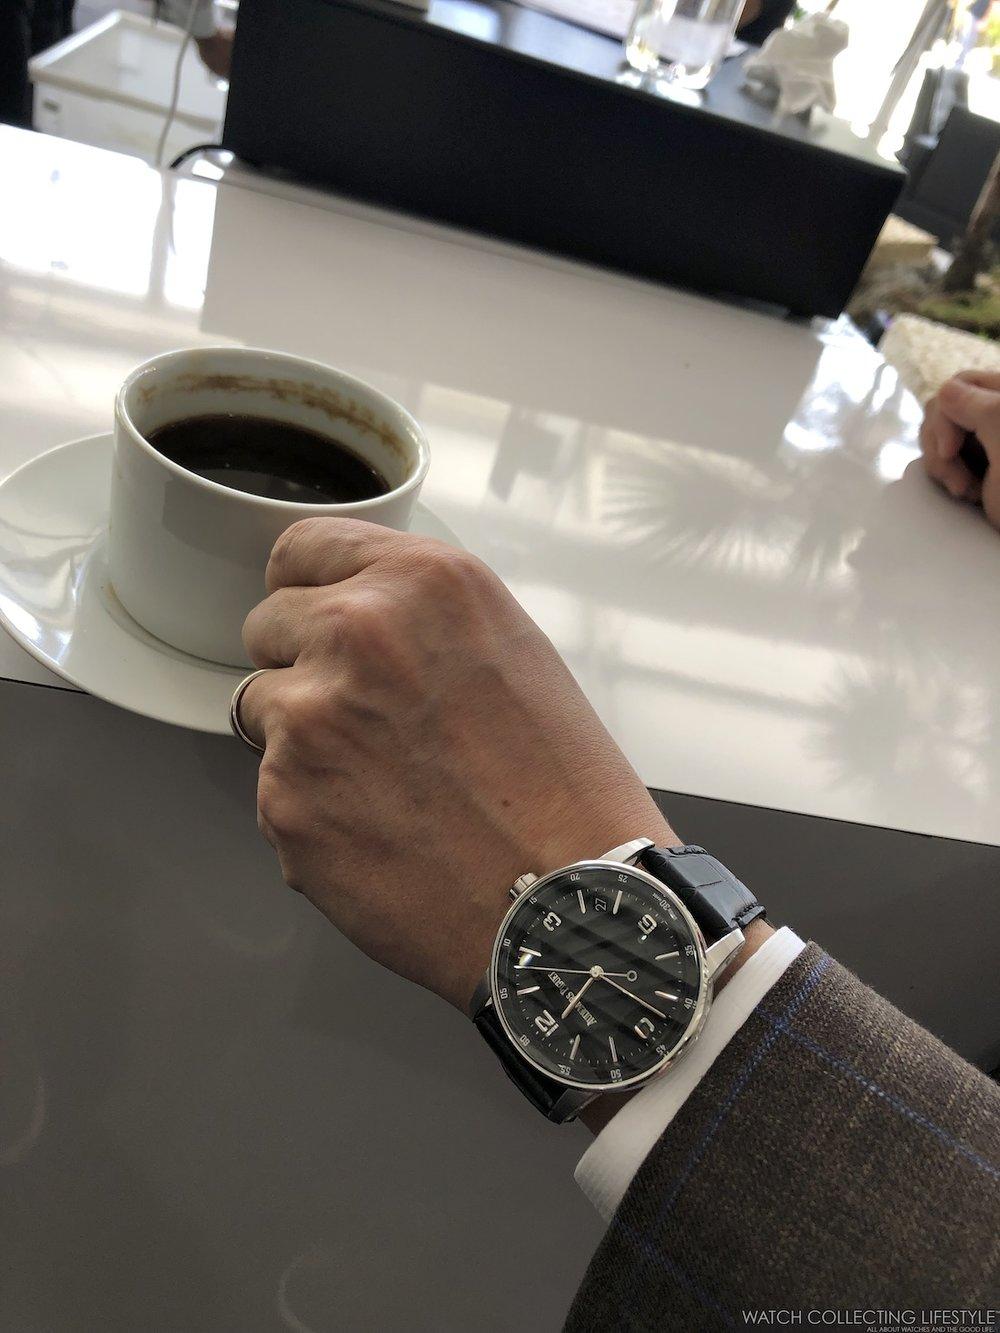 Audemars Piguet CODE 11.59 Date Model on wrist